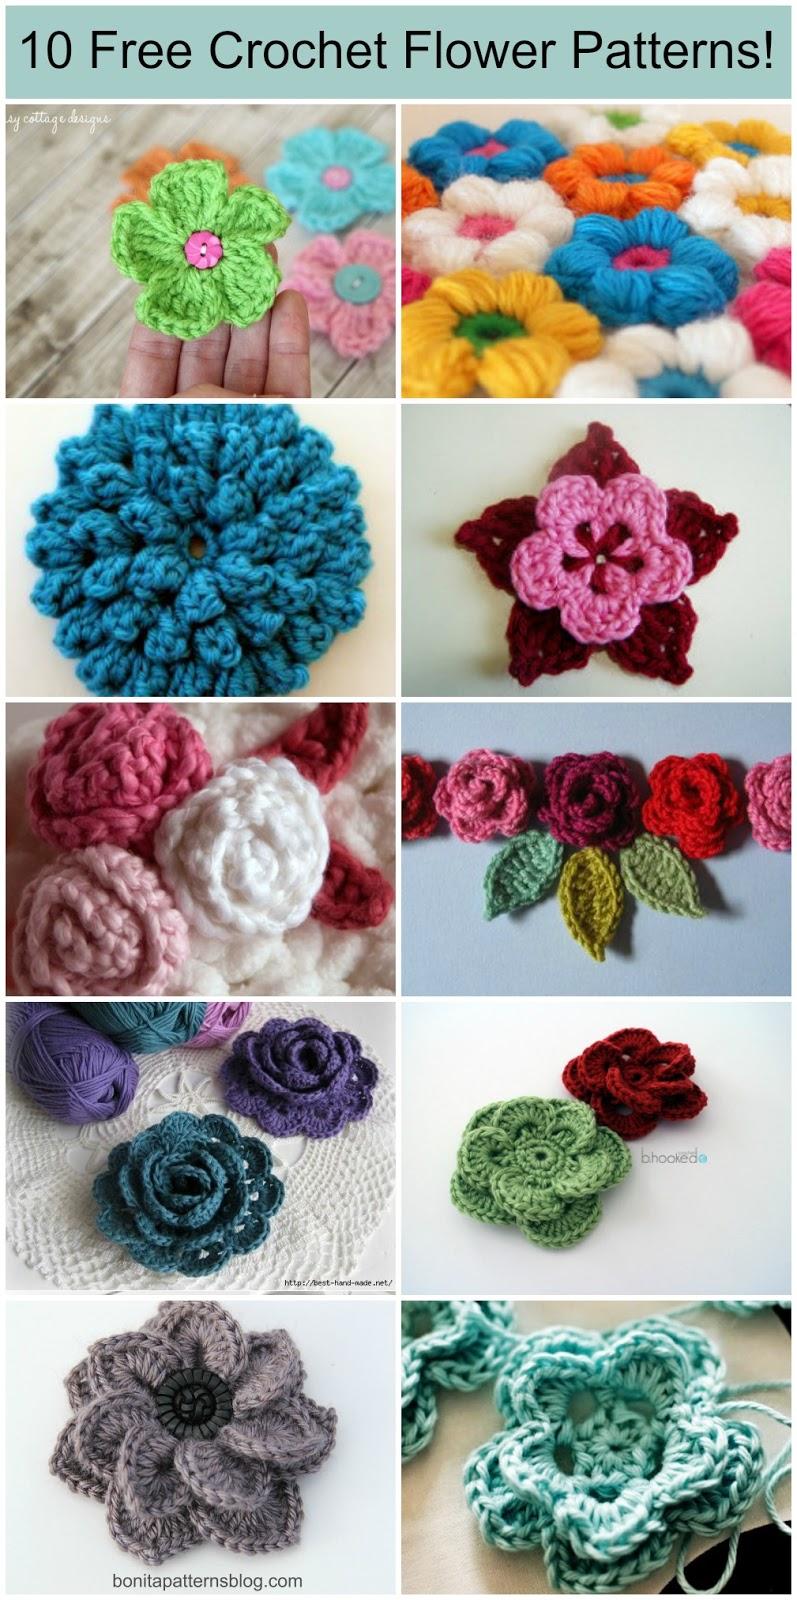 Free Crochet Flower Patterns Online : 10 Free Crochet Flower Patterns